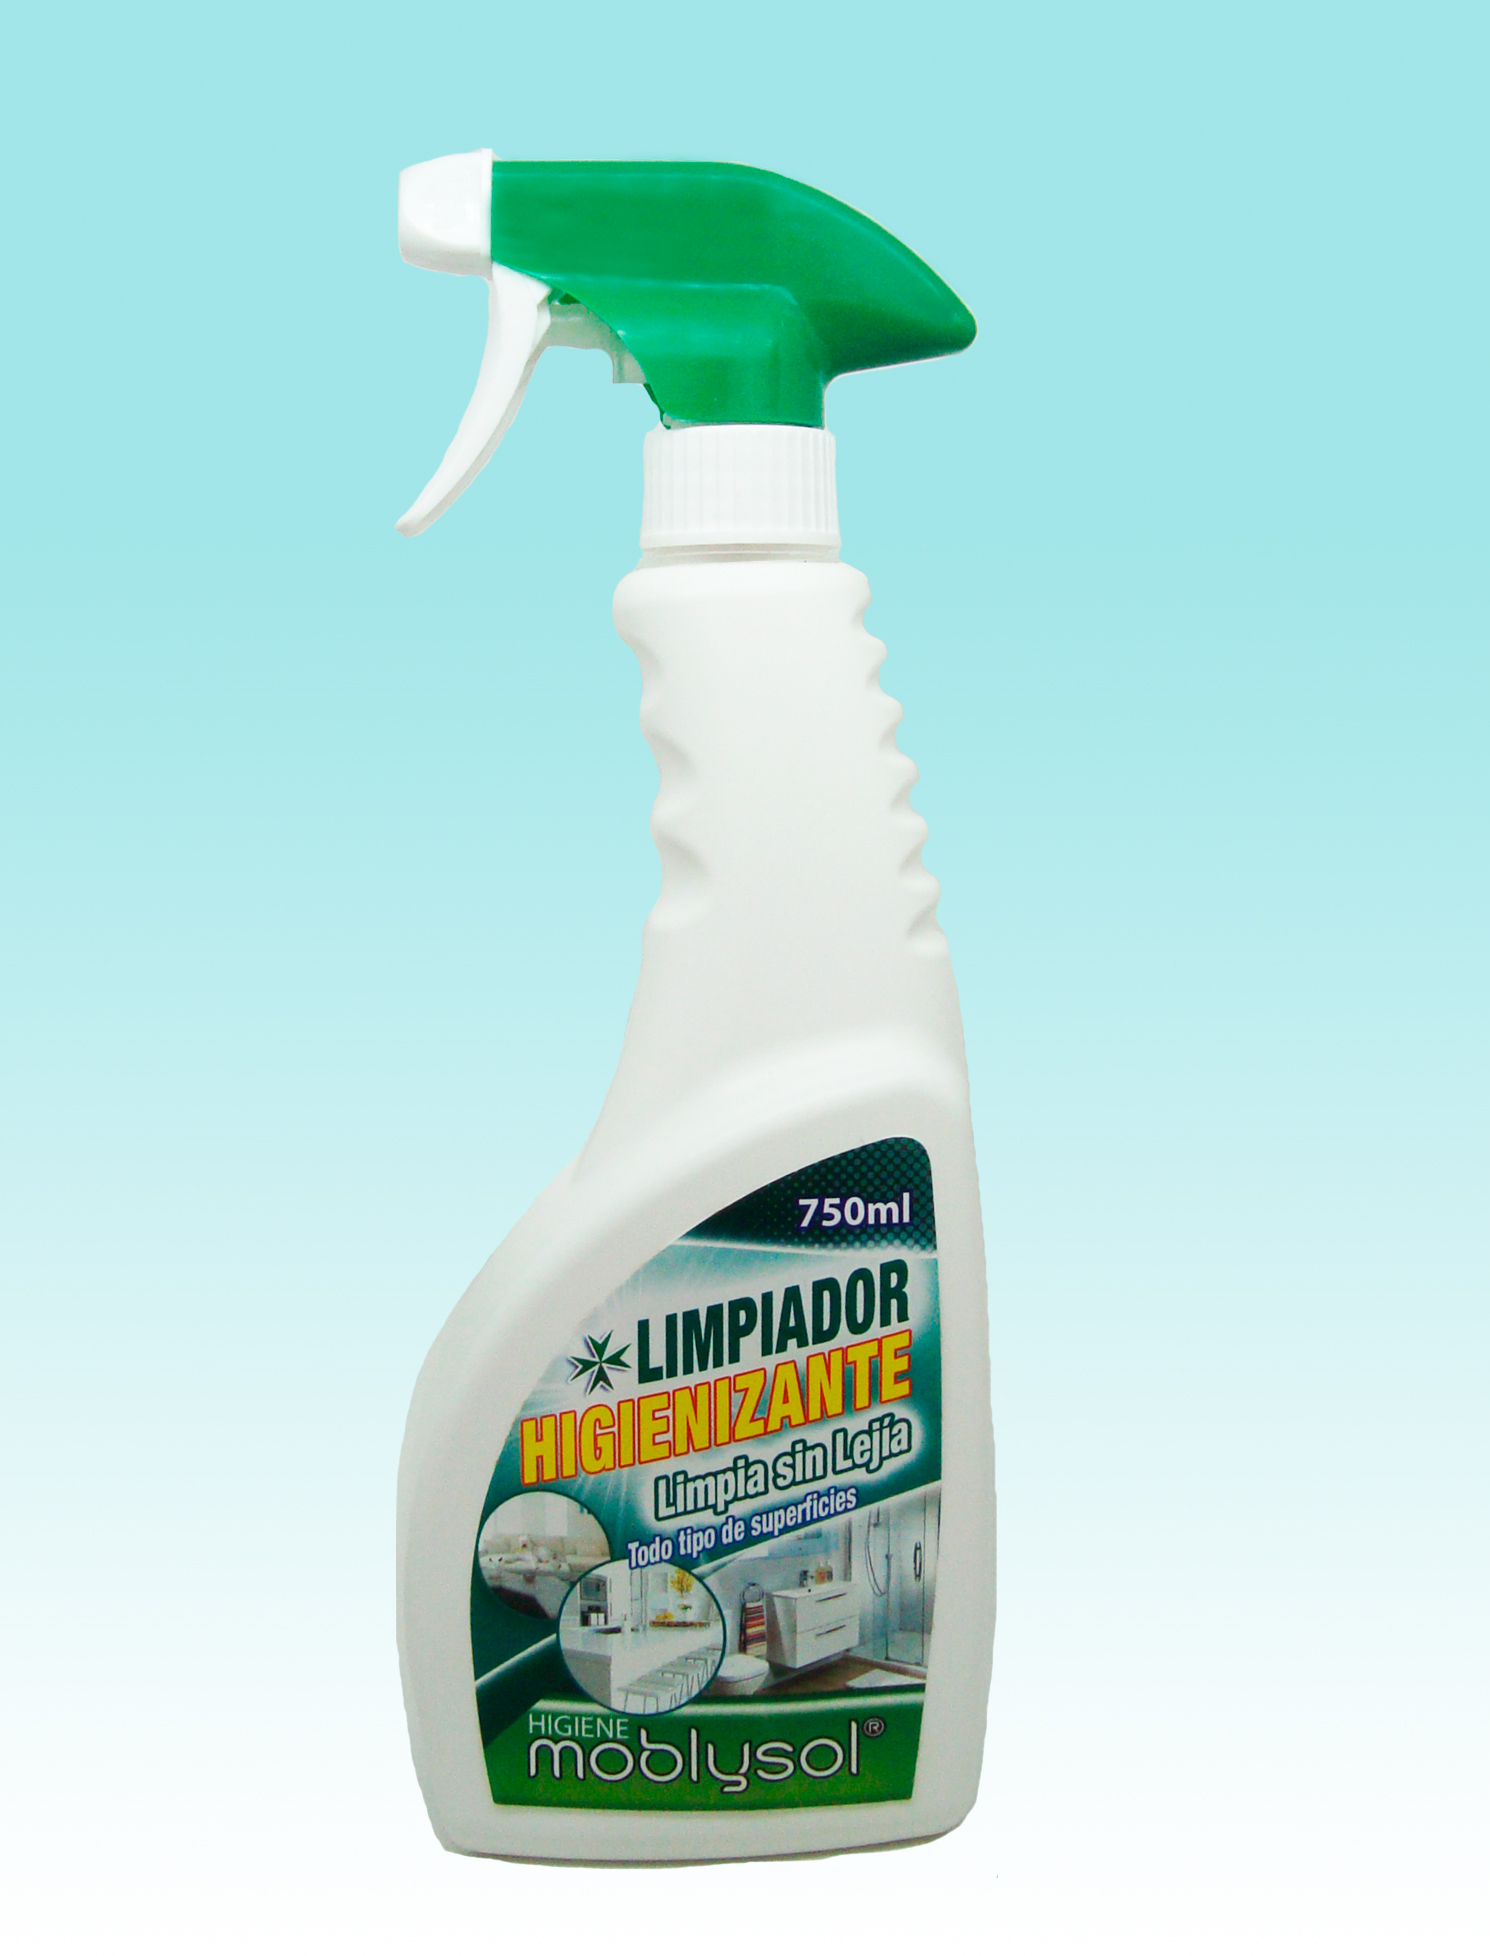 Limpiador Higienizante Moblysol sin Lejía